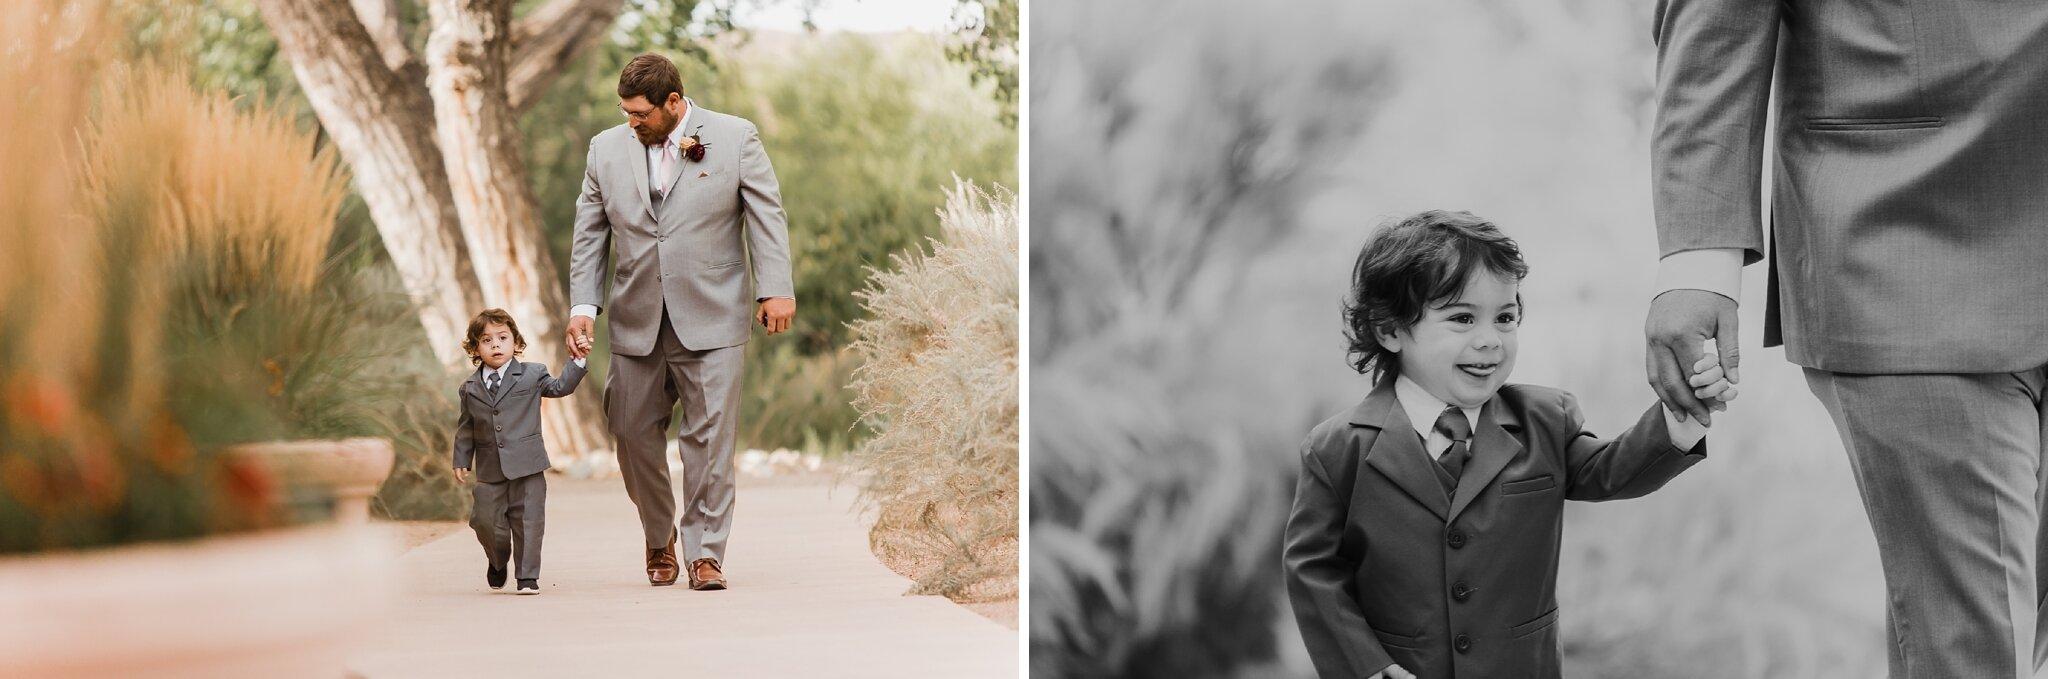 Alicia+lucia+photography+-+albuquerque+wedding+photographer+-+santa+fe+wedding+photography+-+new+mexico+wedding+photographer+-+new+mexico+wedding+-+hyatt+tamaya+wedding+-+washington+bride+-+fall+wedding+-+albuquerque+wedding_0067.jpg